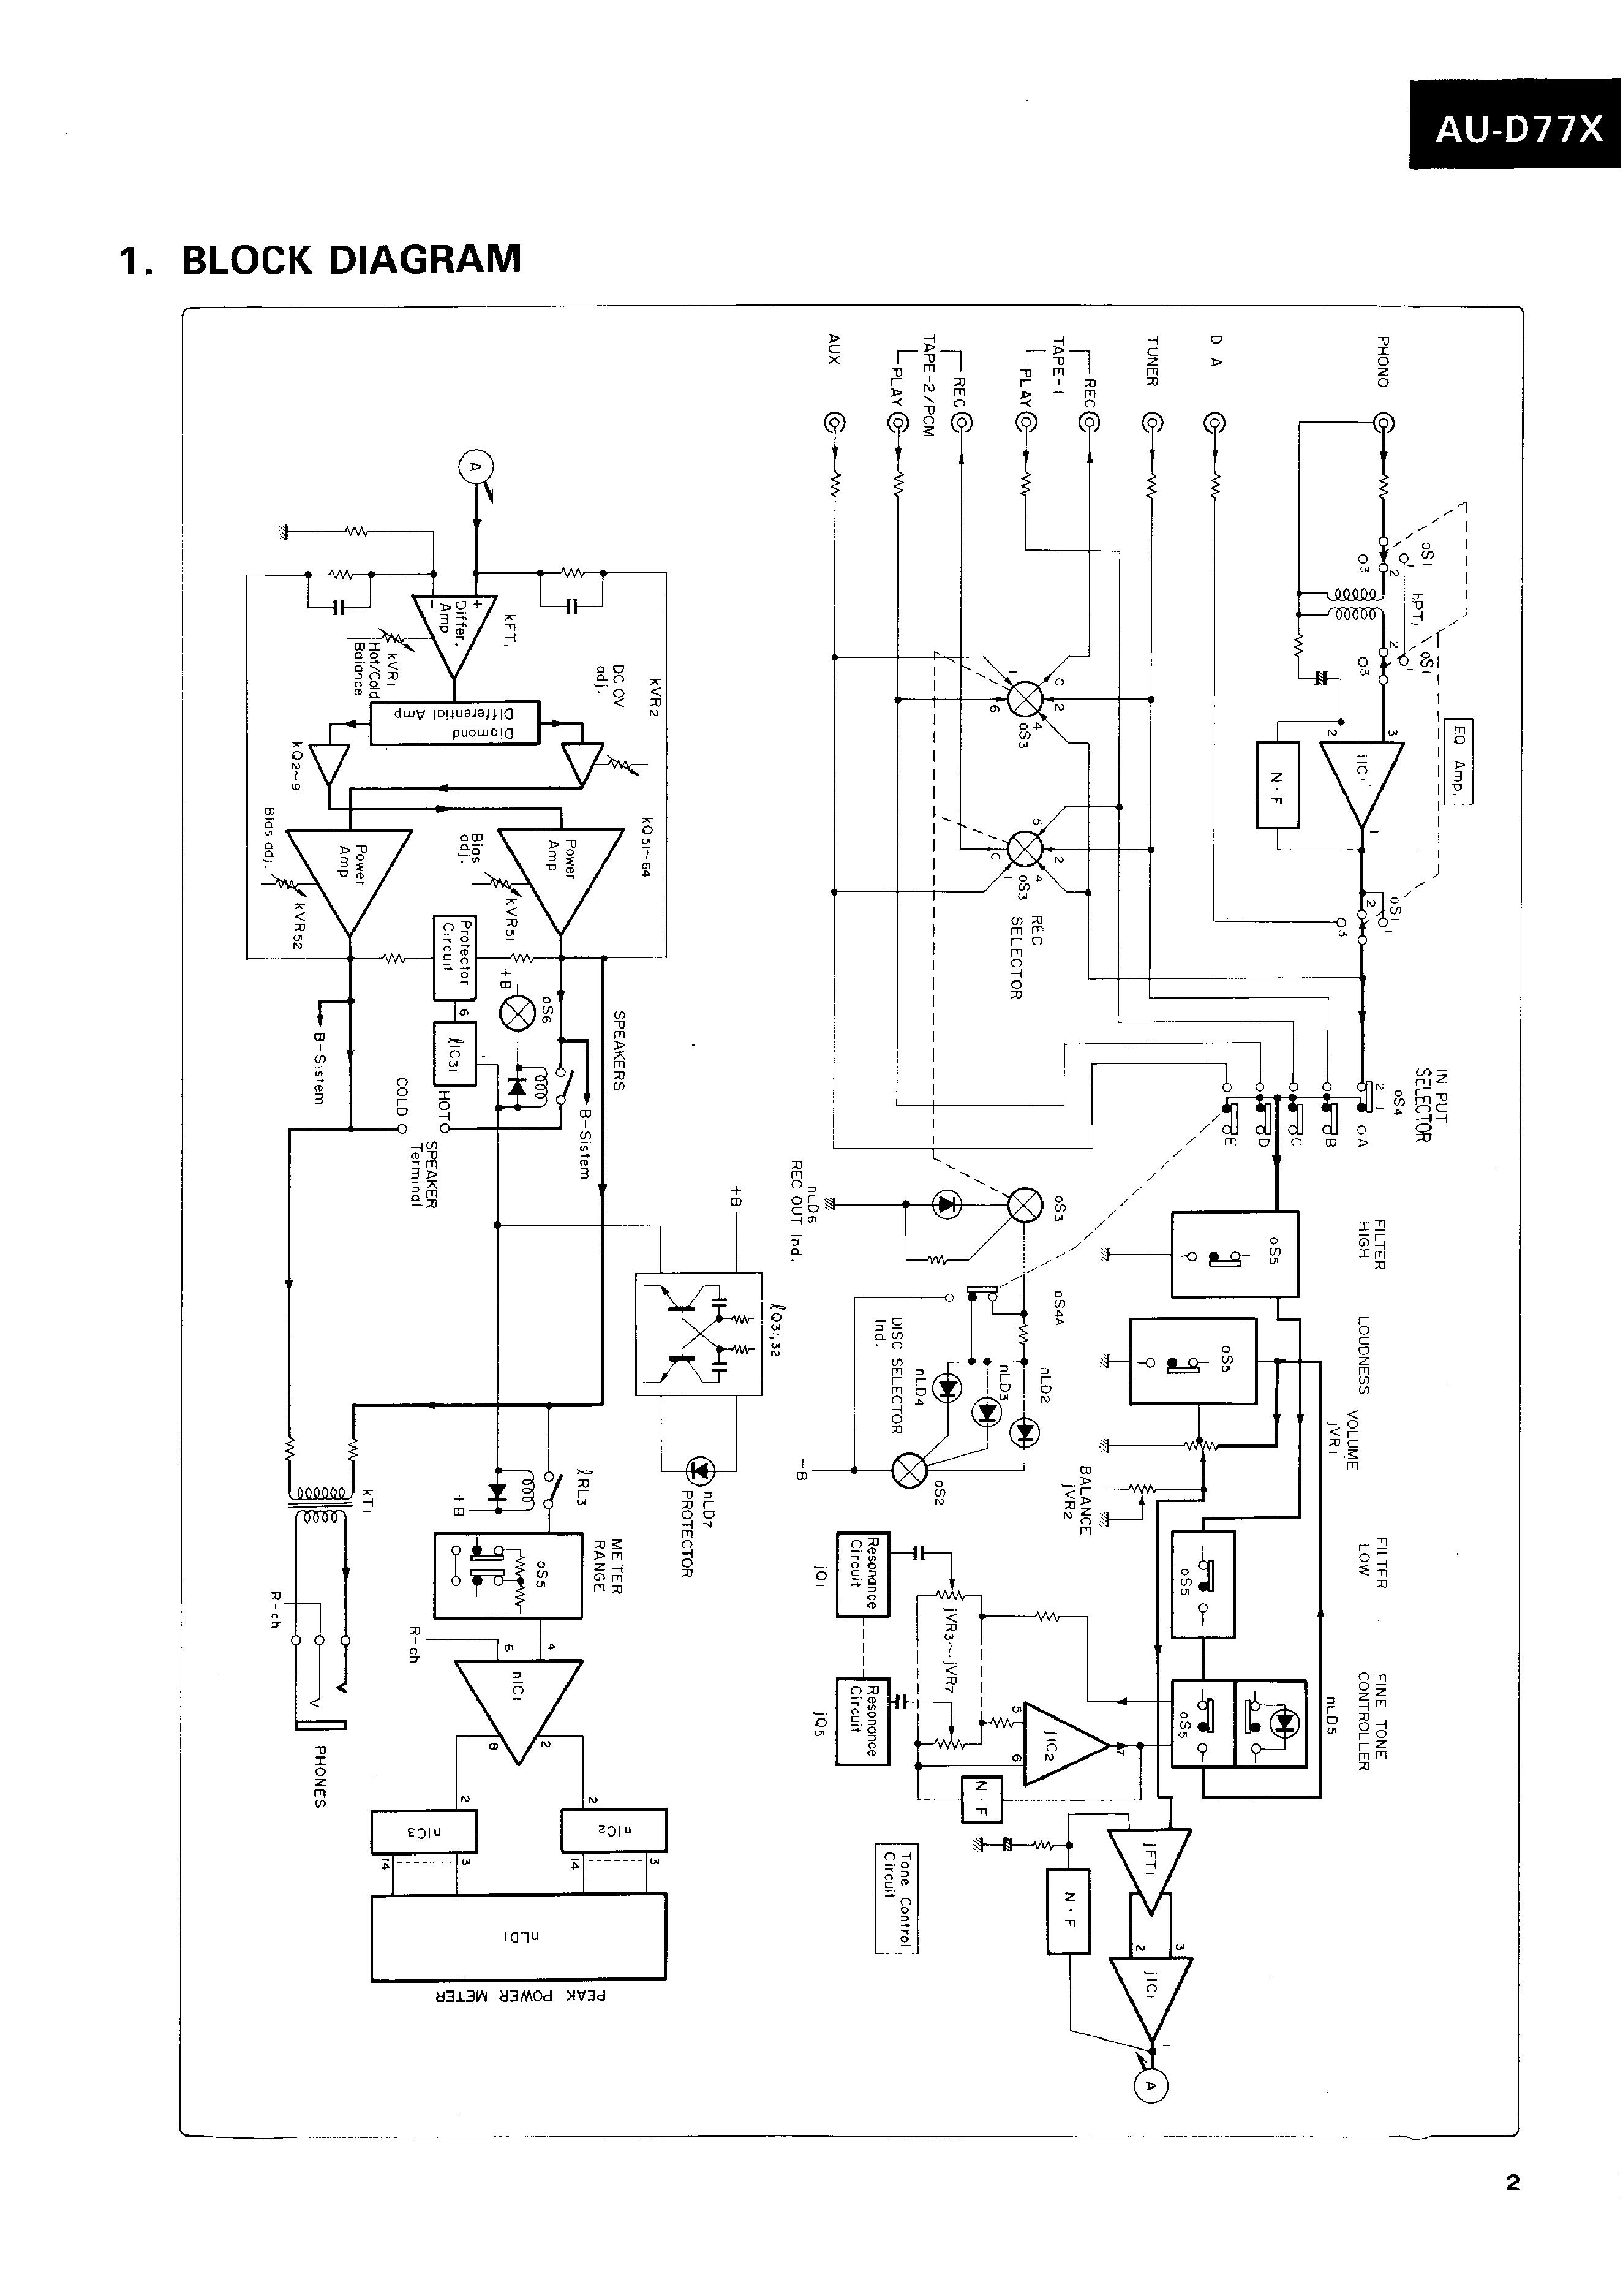 service manual for sansui au-d77x